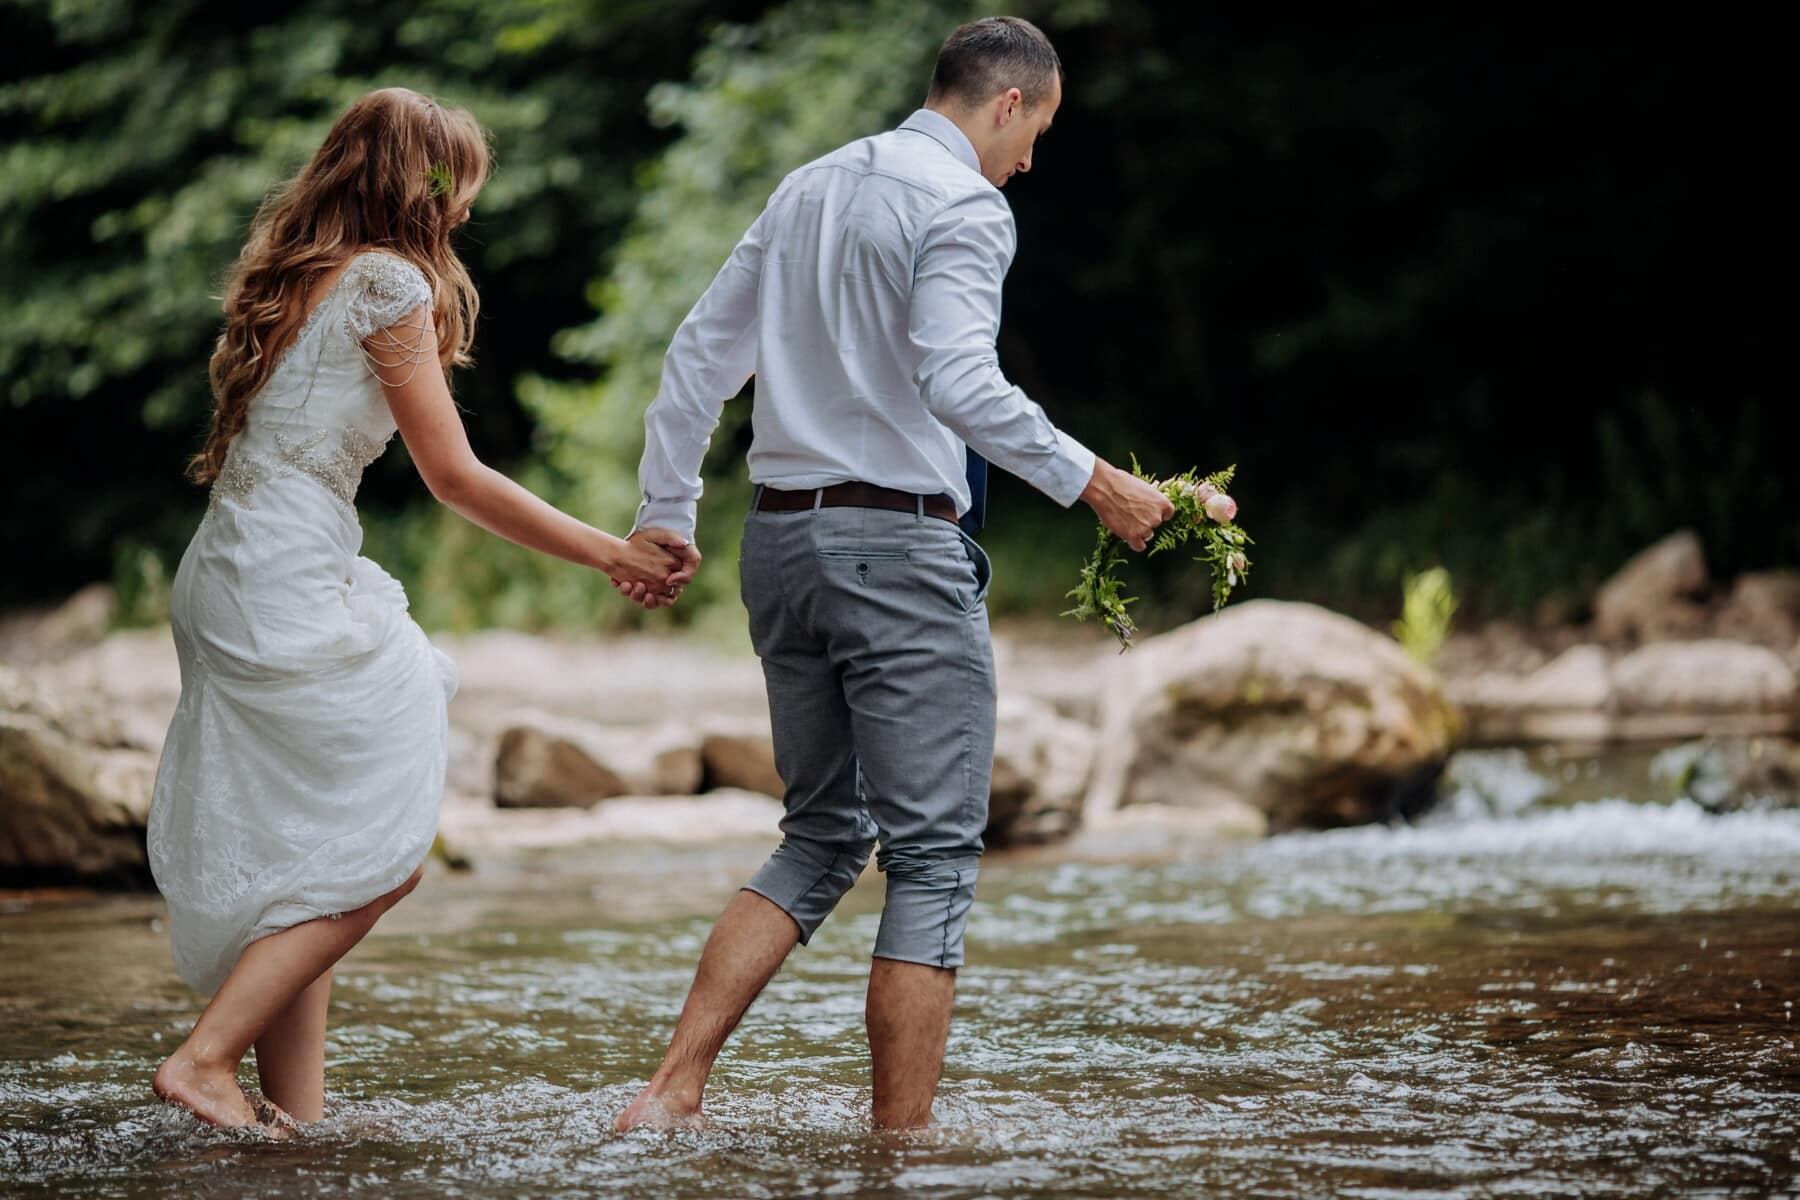 femme, homme, Tableau de concordance, rivière, jambes, pieds nus, heureux, à l'extérieur, amour, eau